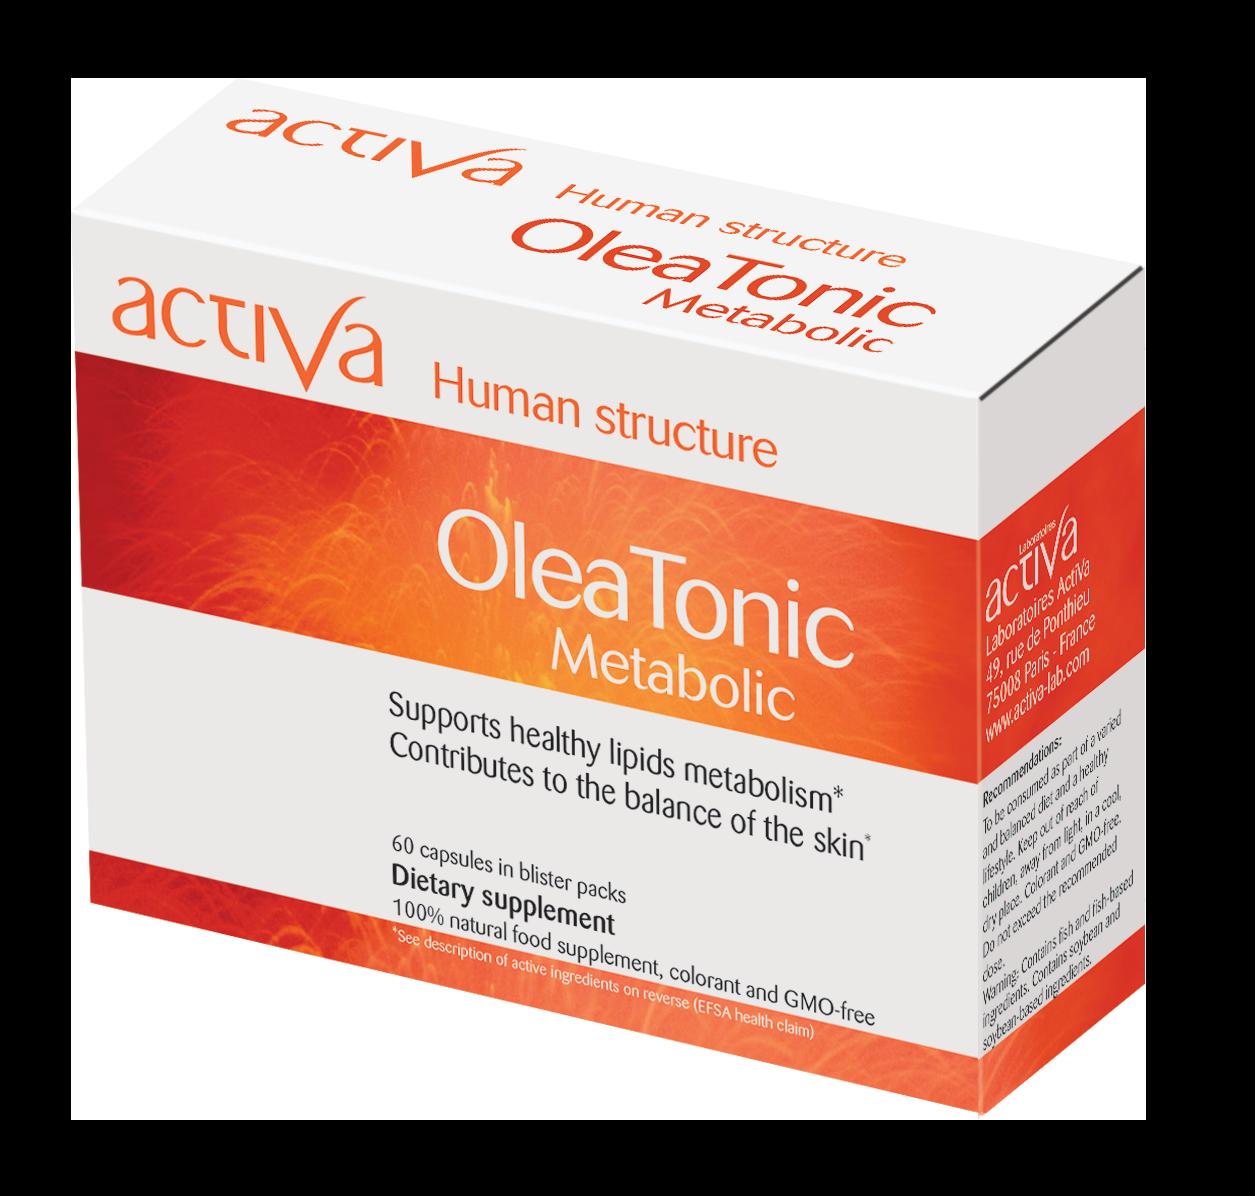 Oleatonic Metabolic